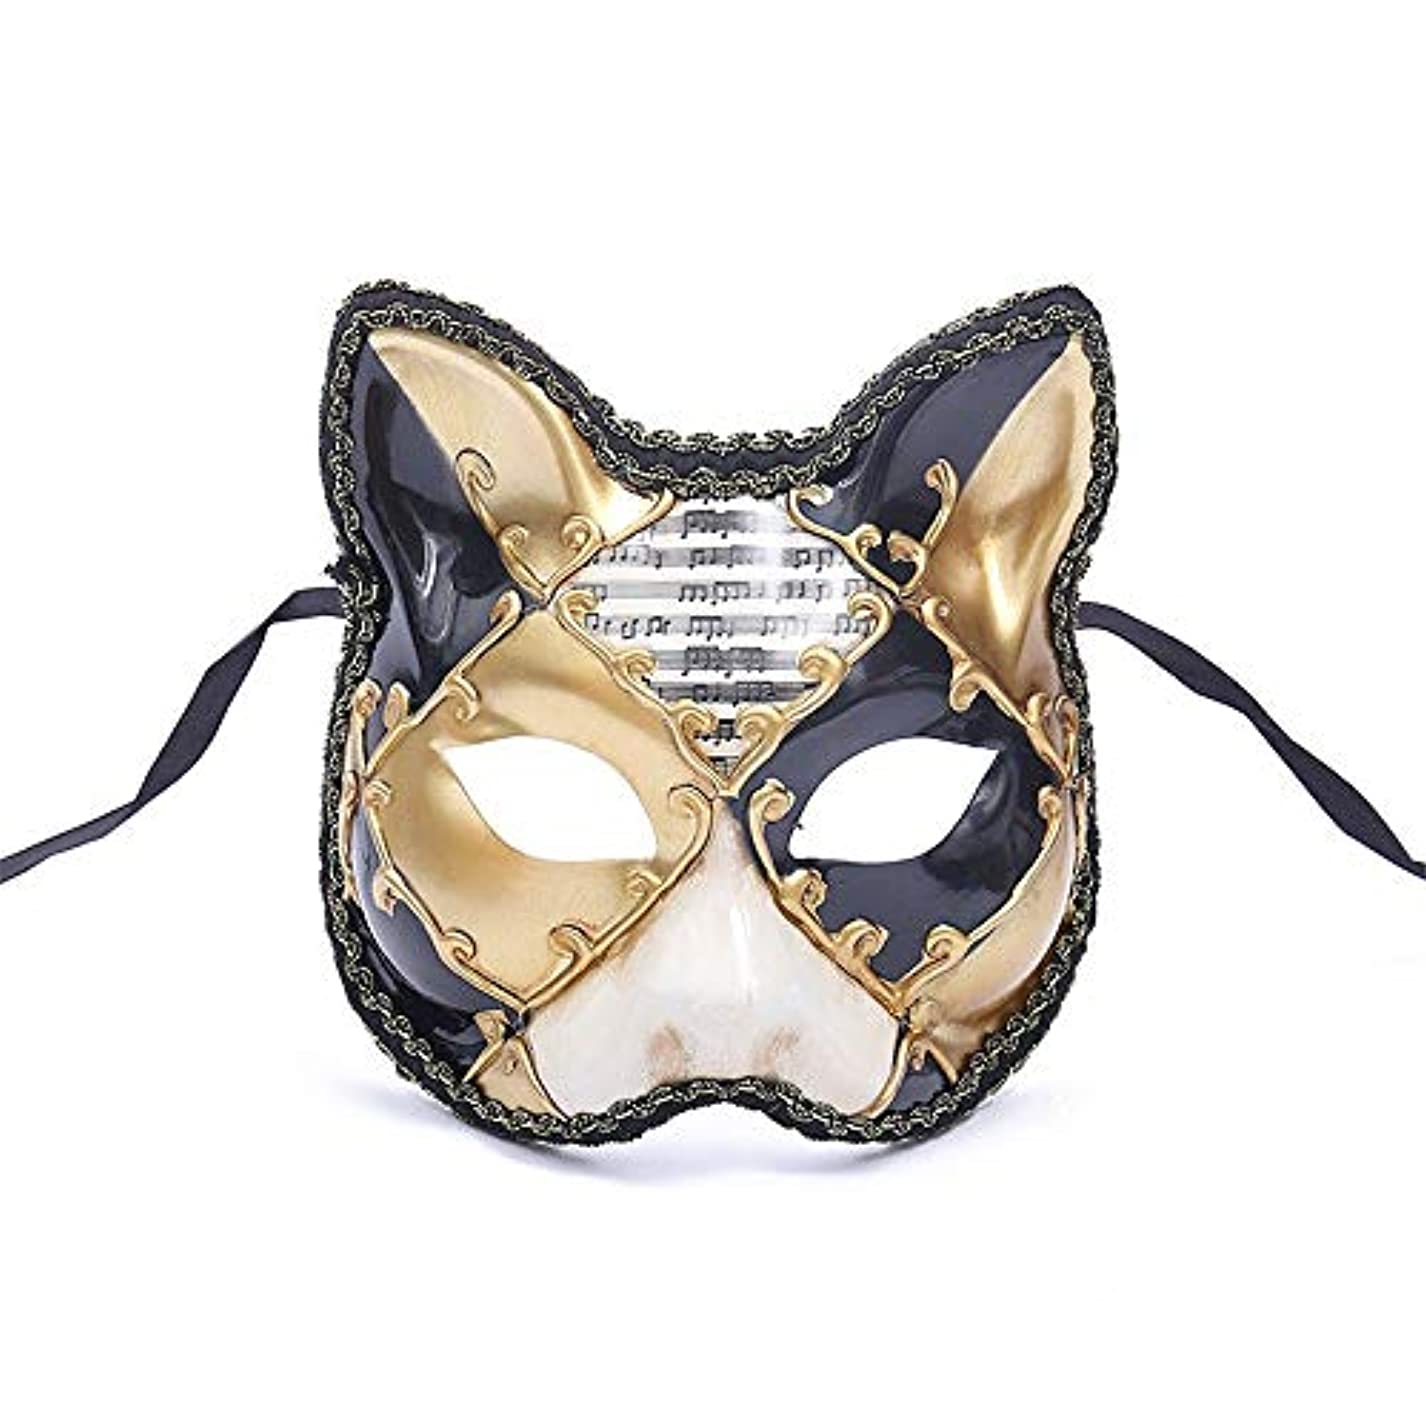 無秩序スリップシューズ令状ダンスマスク 大きな猫アンティーク動物レトロコスプレハロウィーン仮装マスクナイトクラブマスク雰囲気フェスティバルマスク ホリデーパーティー用品 (色 : 黄, サイズ : 17.5x16cm)